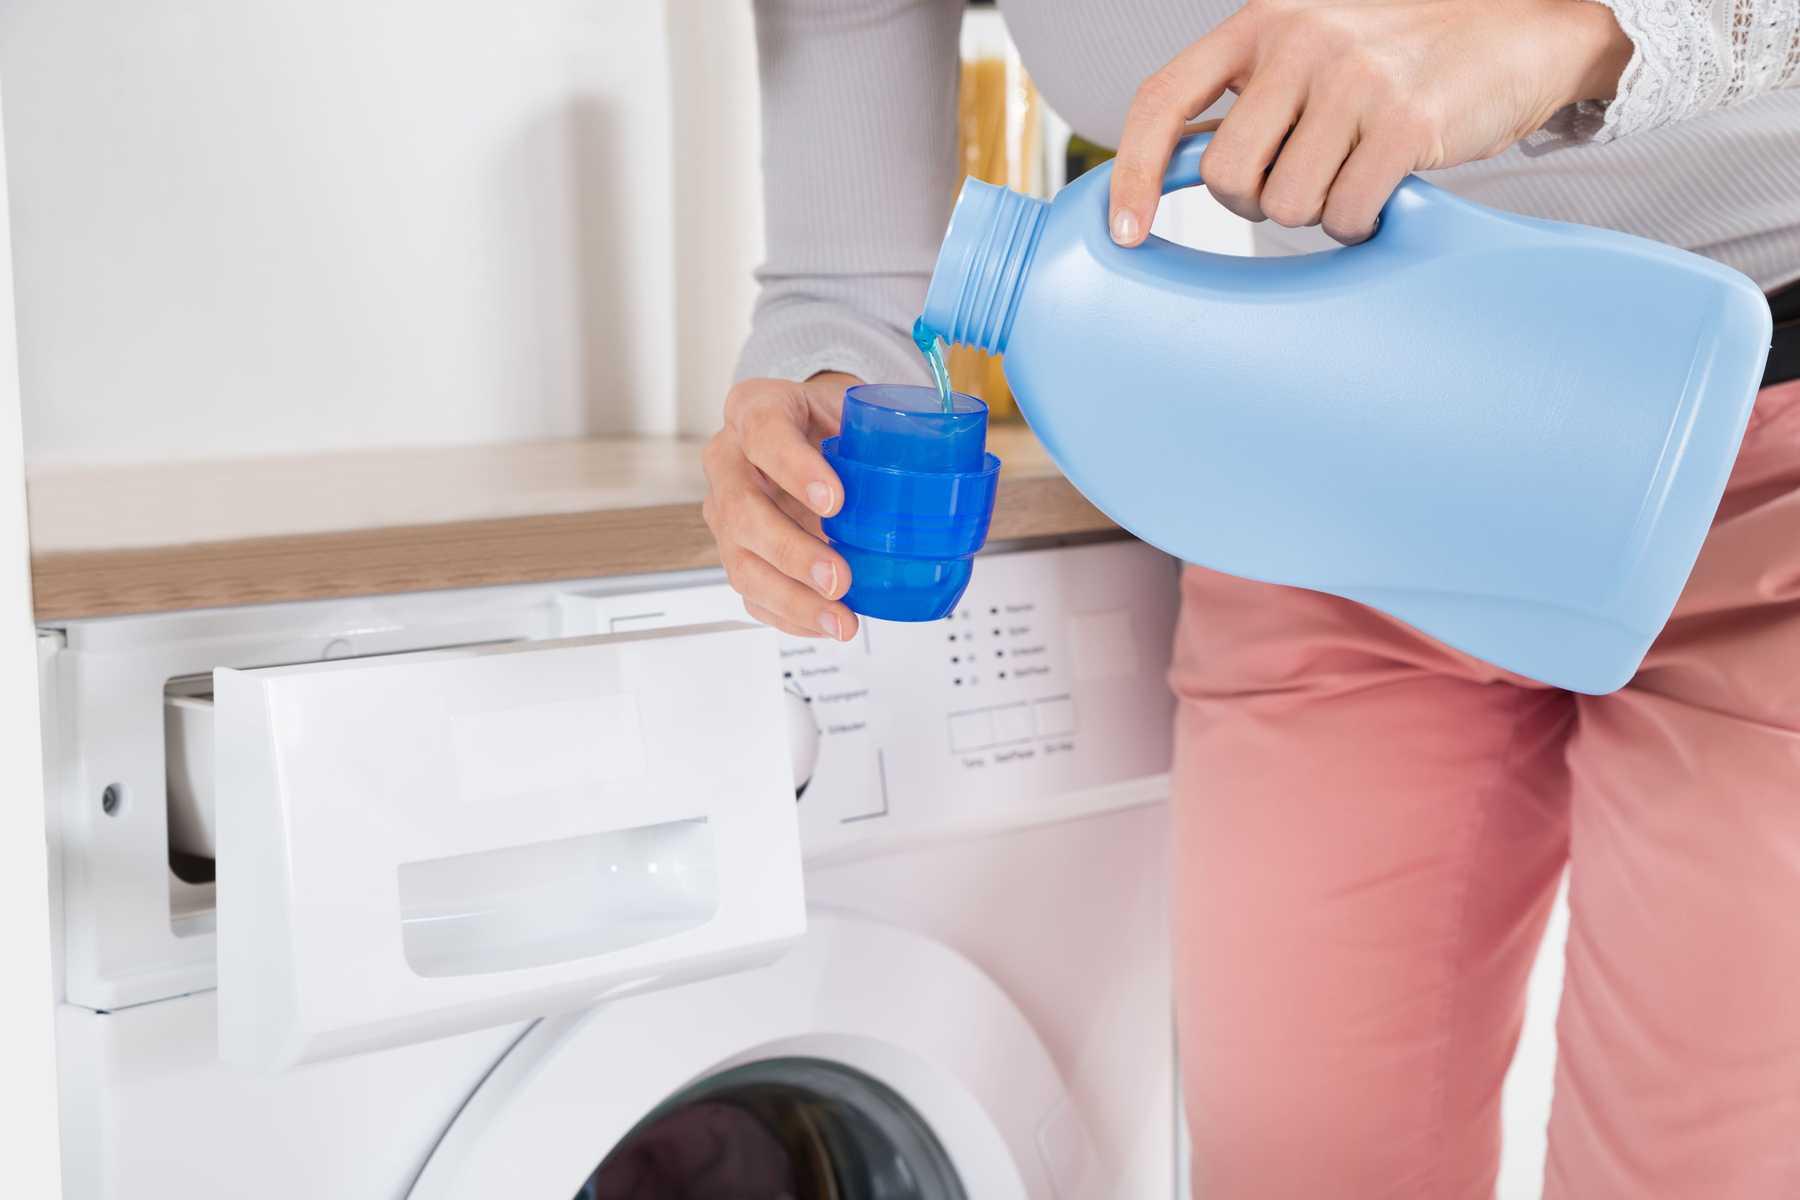 sử dụng nước giặt